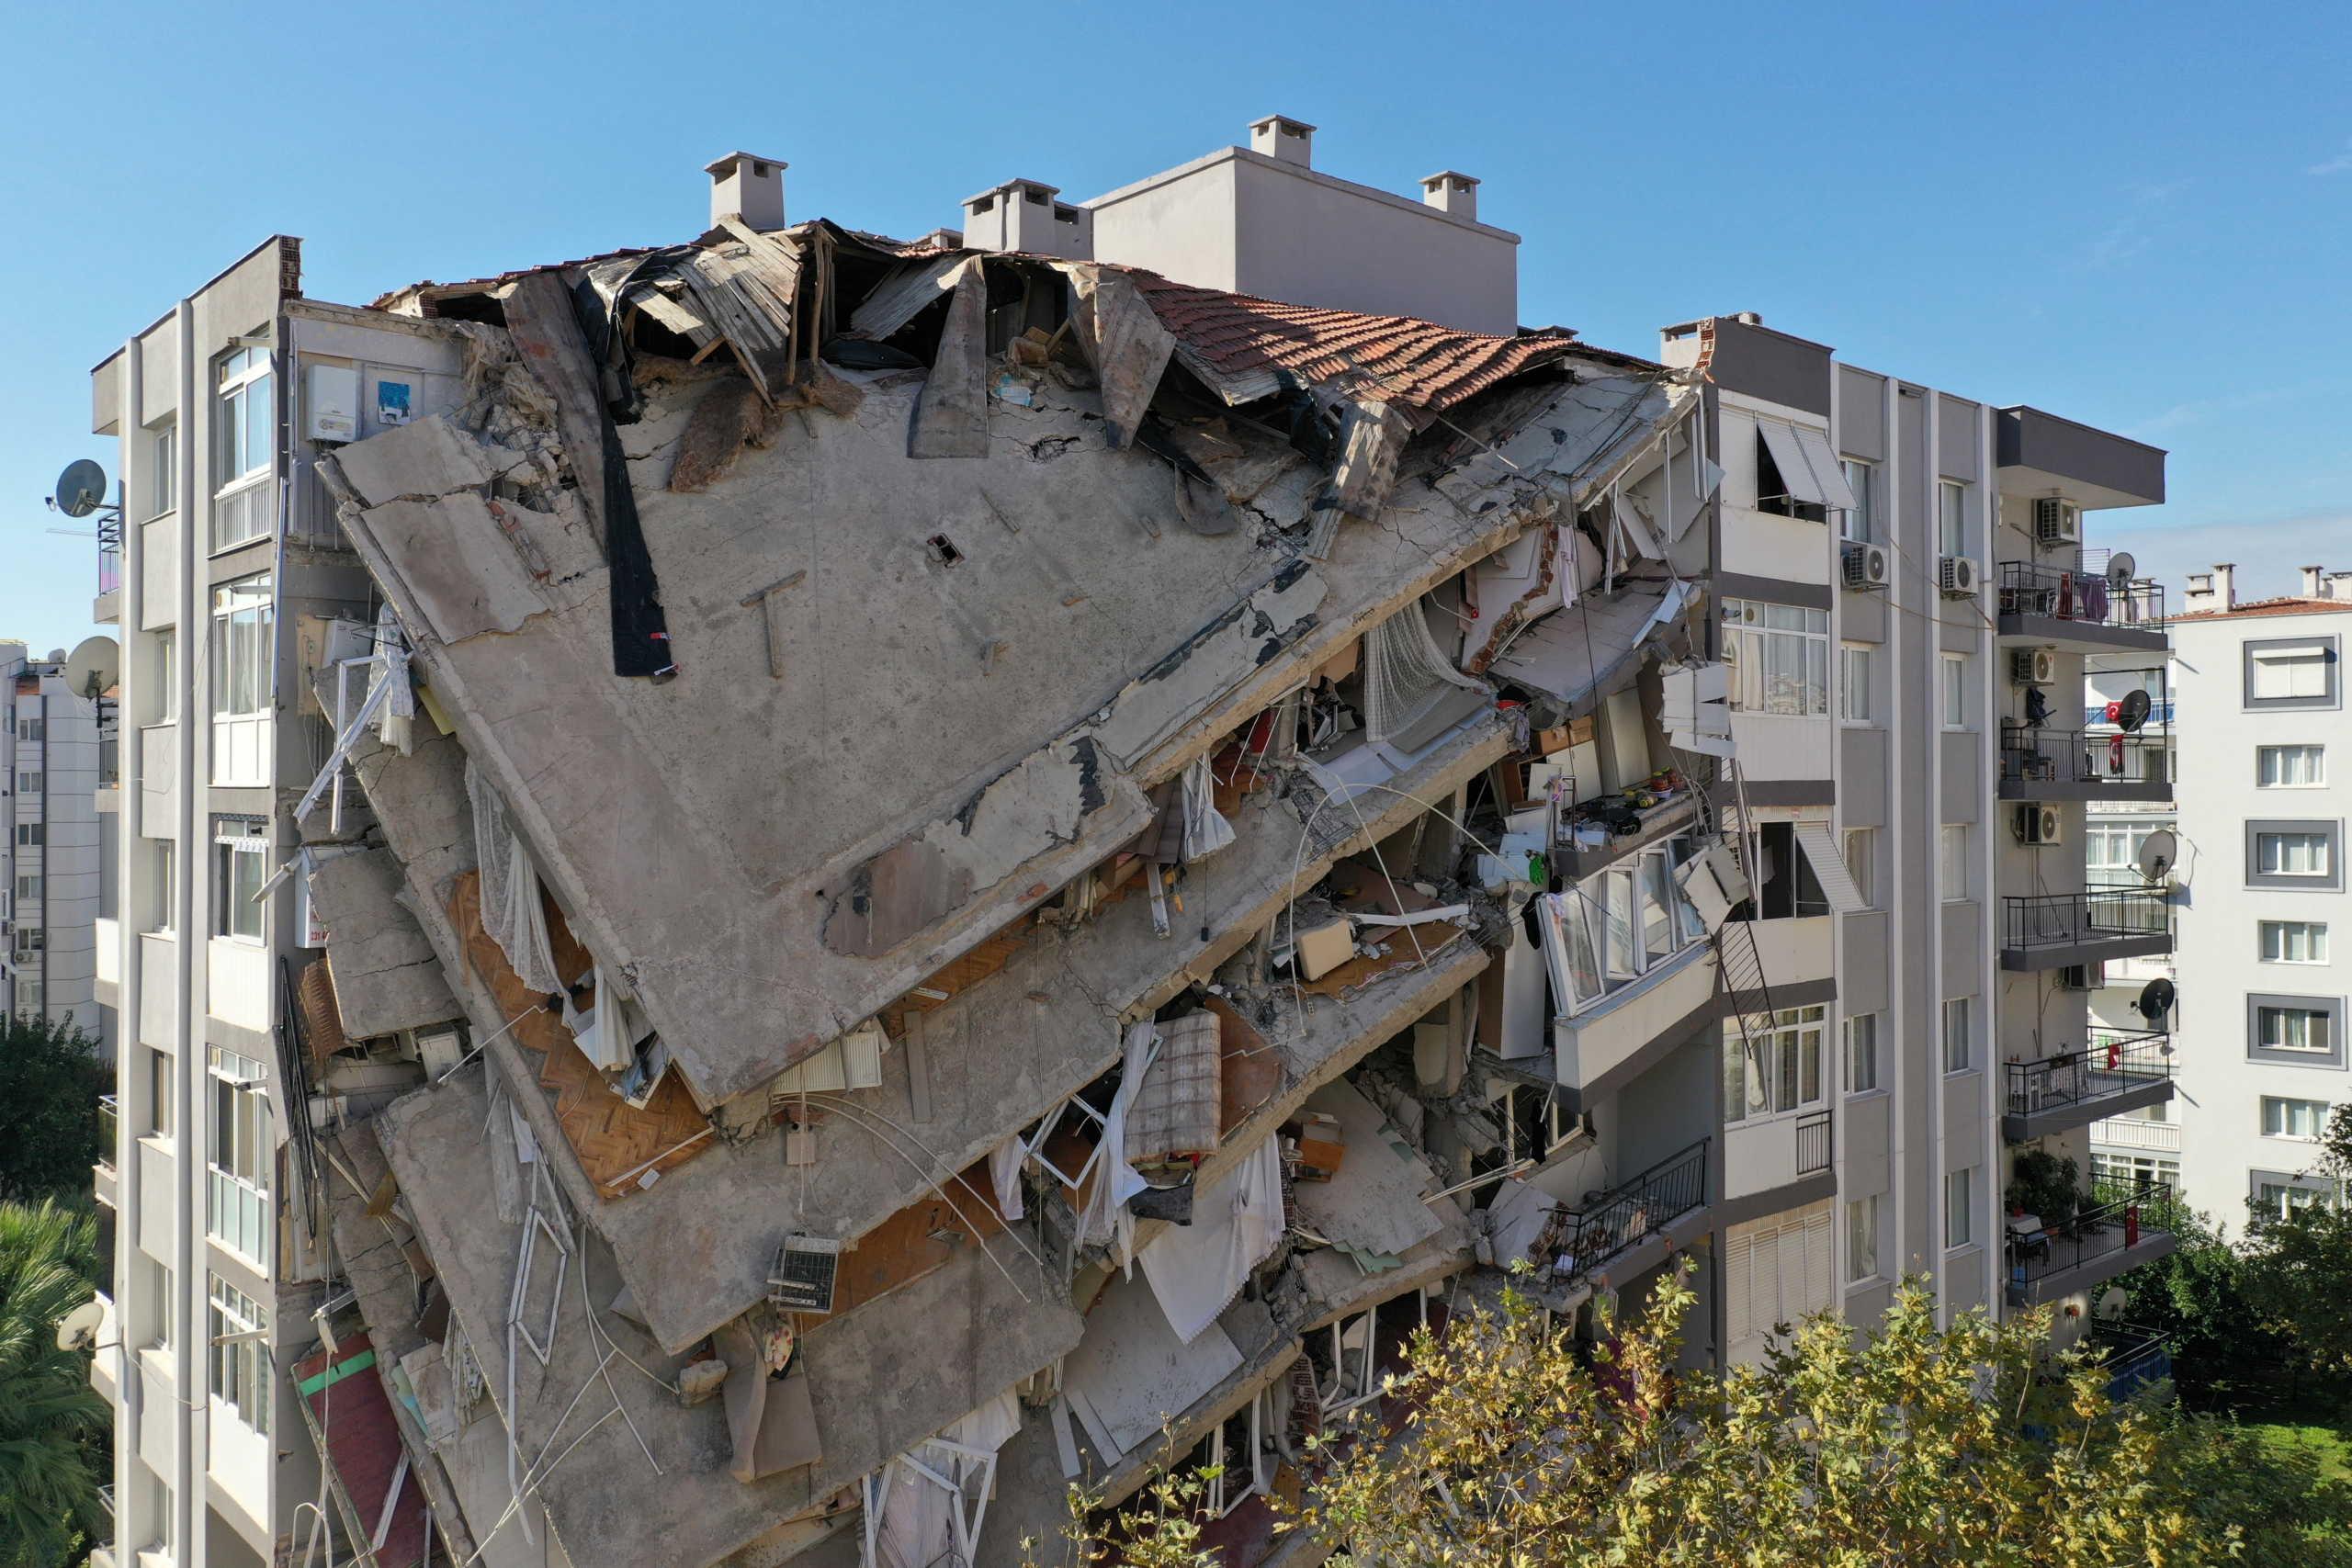 Σμύρνη: 58 οι νεκροί από το σεισμό – Γέμισε σκηνές το ποδοσφαιρικό γήπεδο